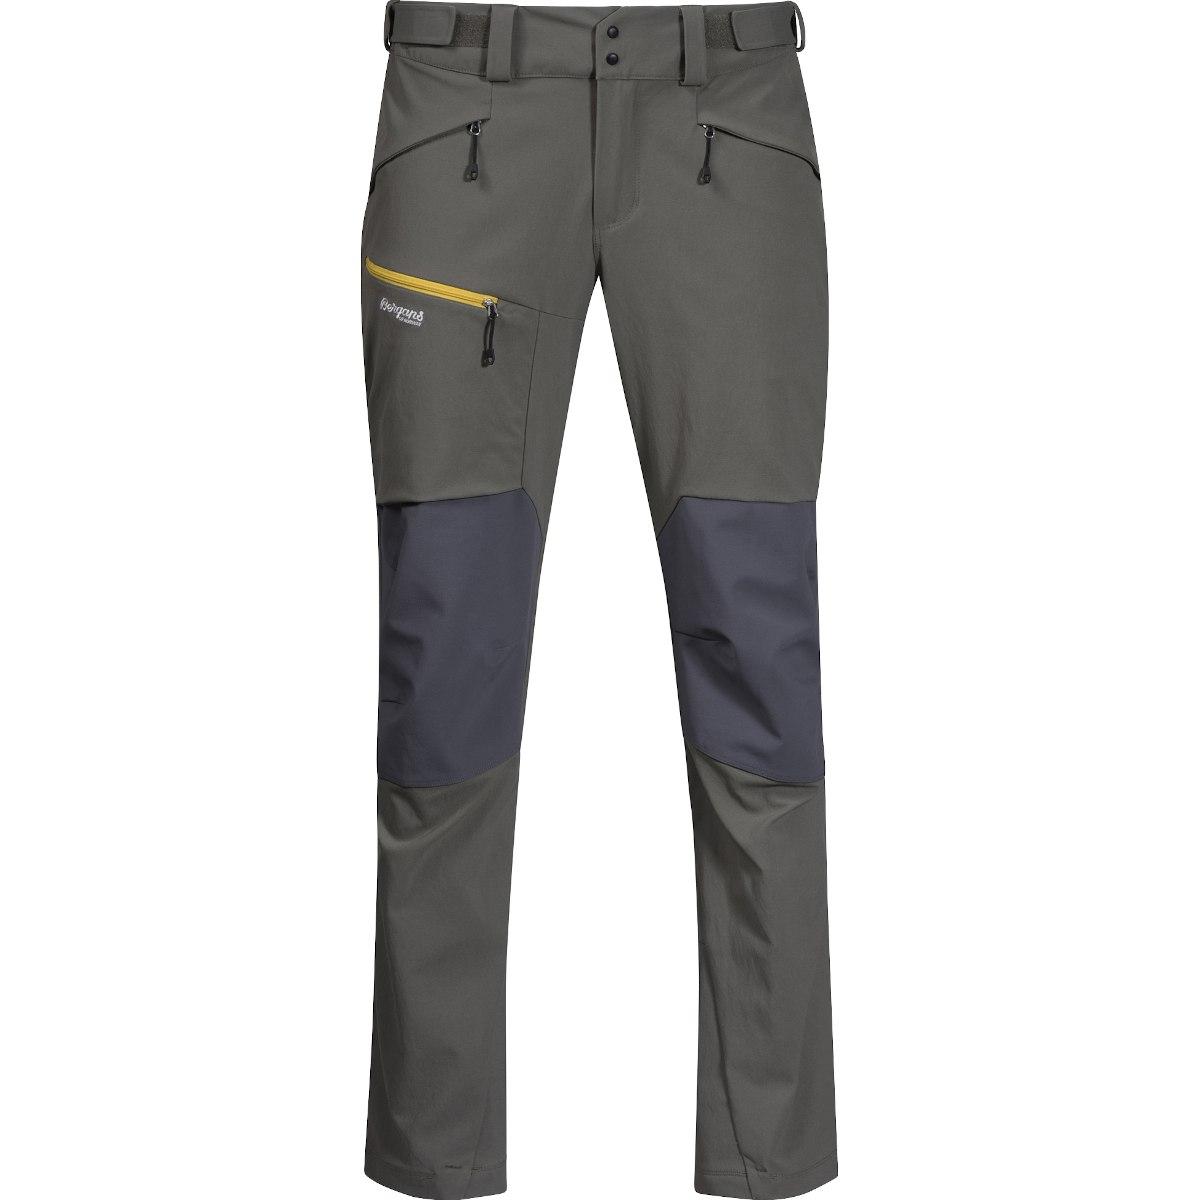 Image of Bergans Rabot 365 Hybrid Pants - green mud/solid dark grey/waxed yellow